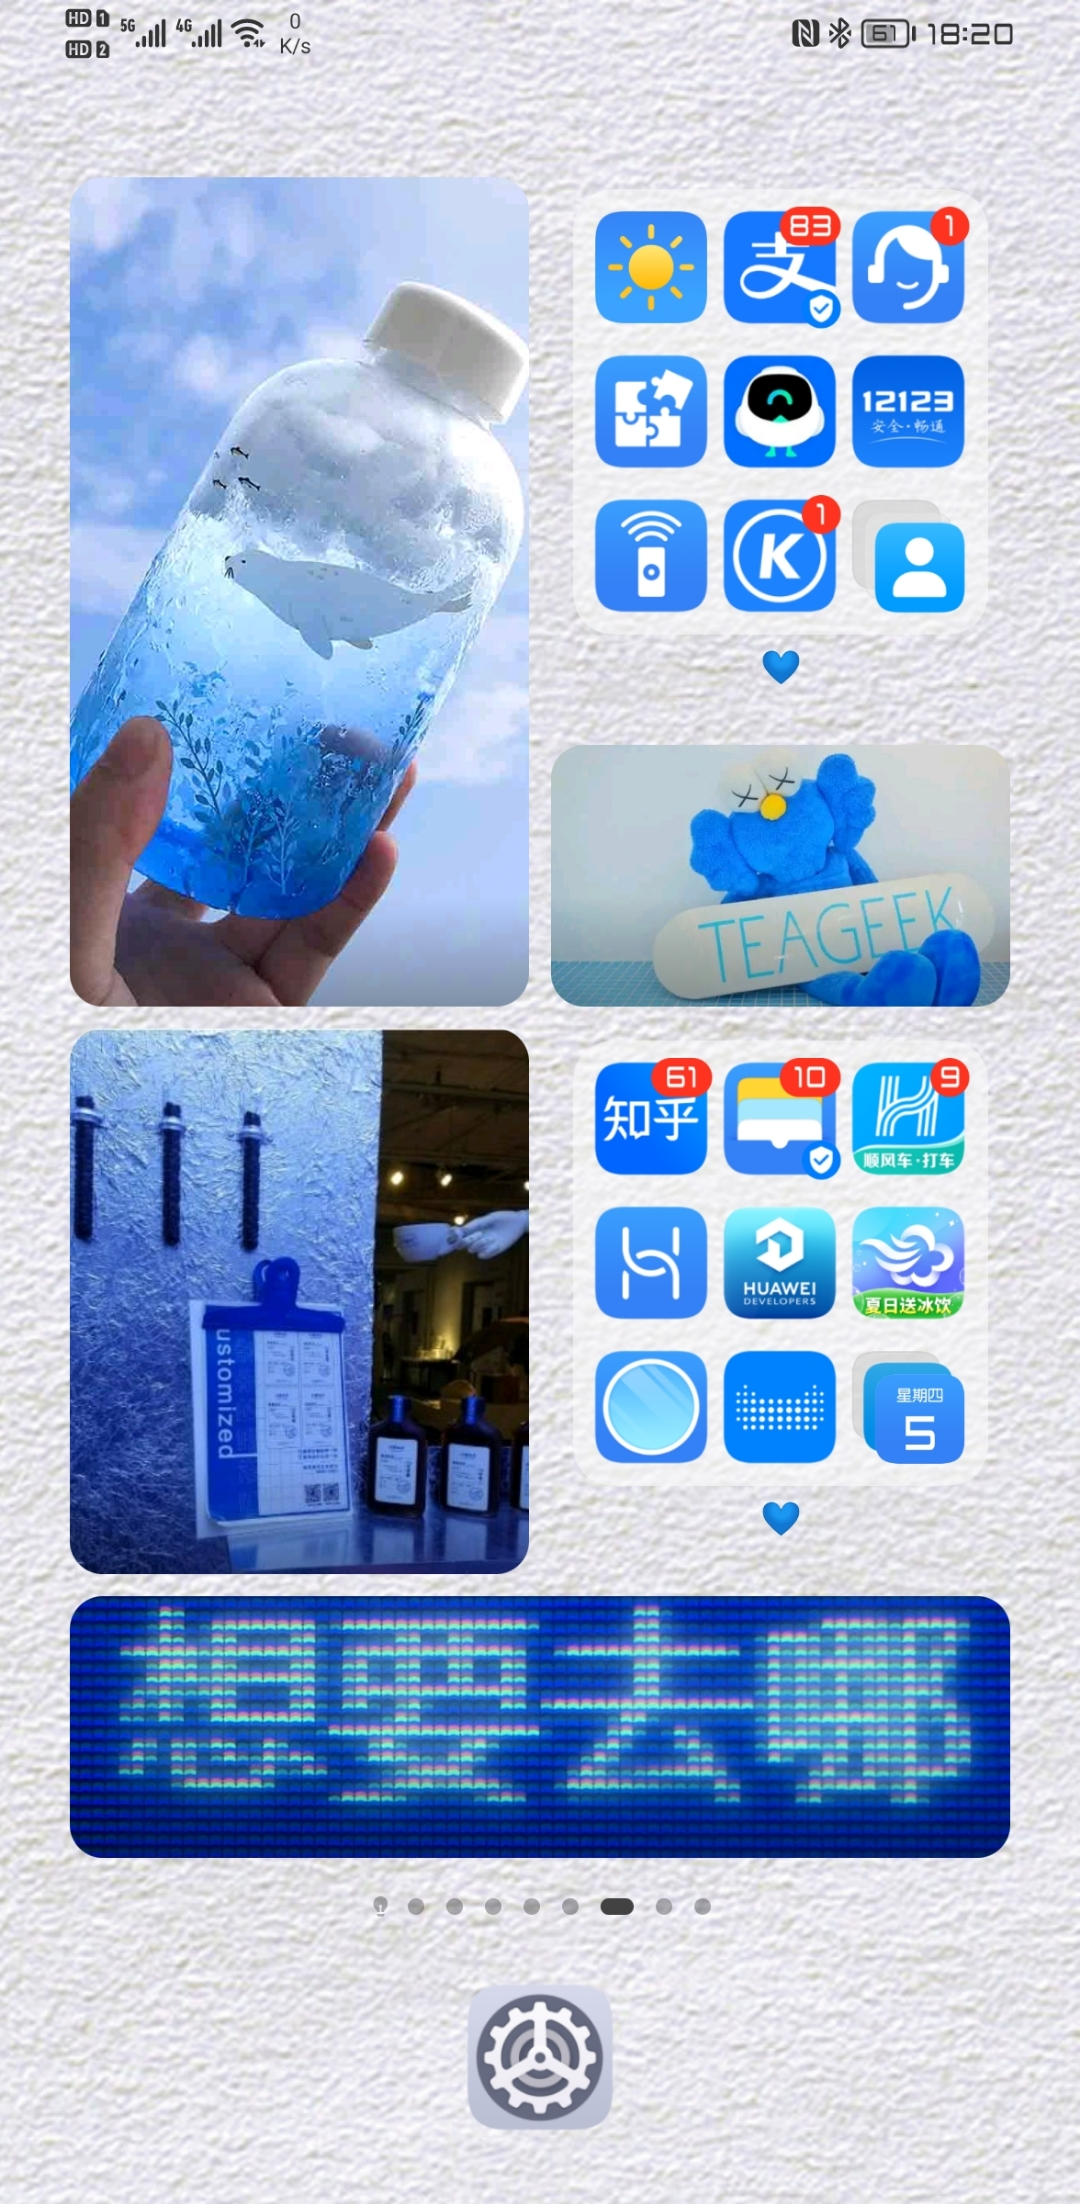 Screenshot_20210805_182036_com.huawei.android.launcher.jpg